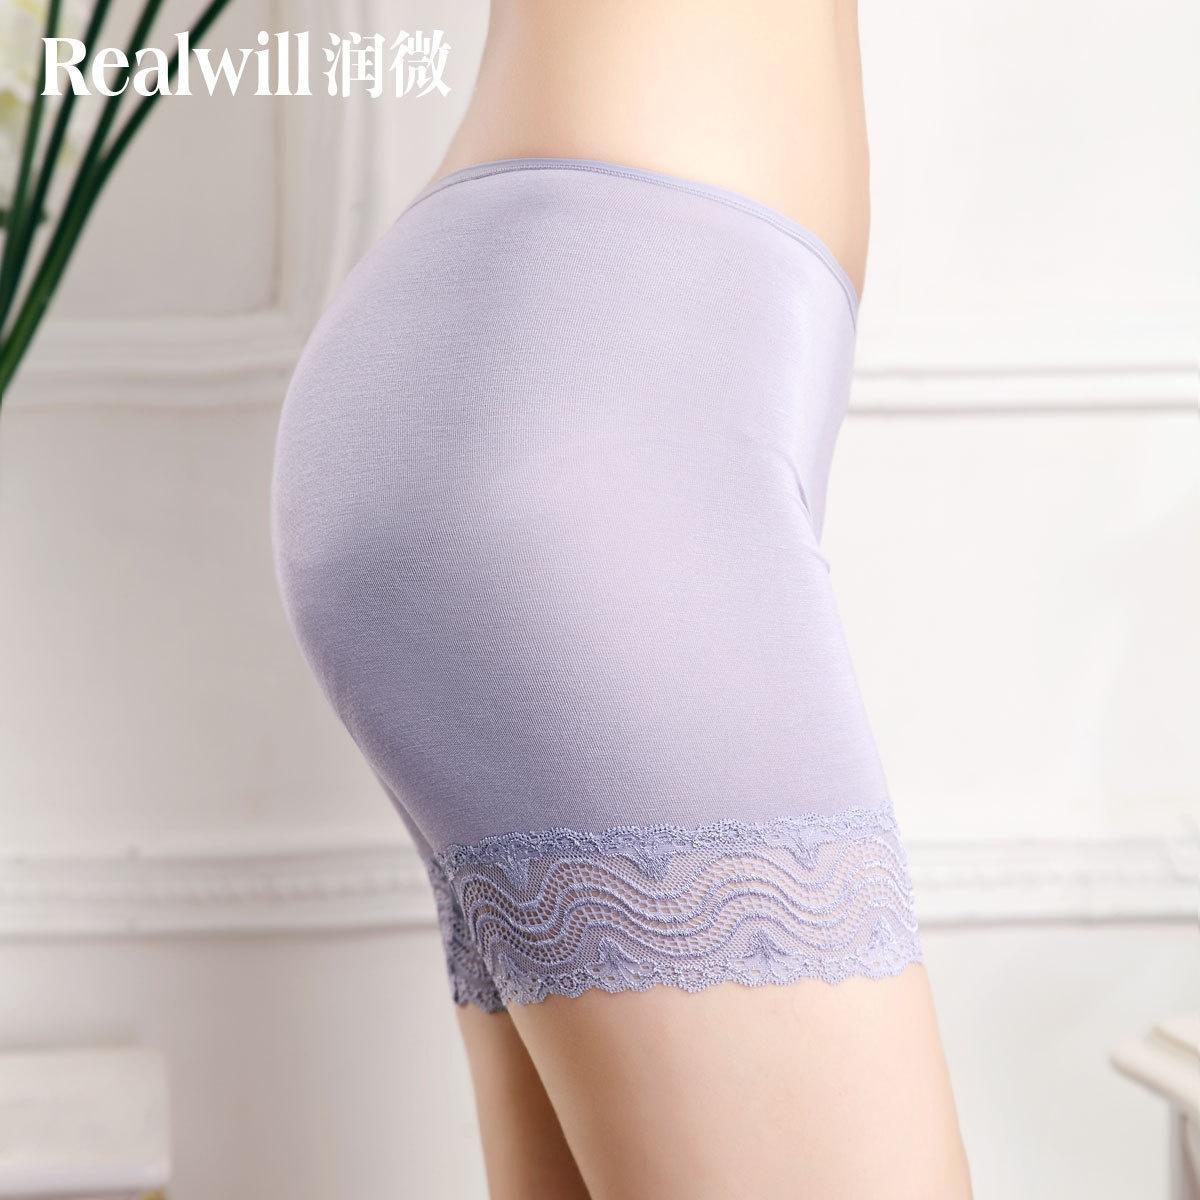 小舞安全裤图片